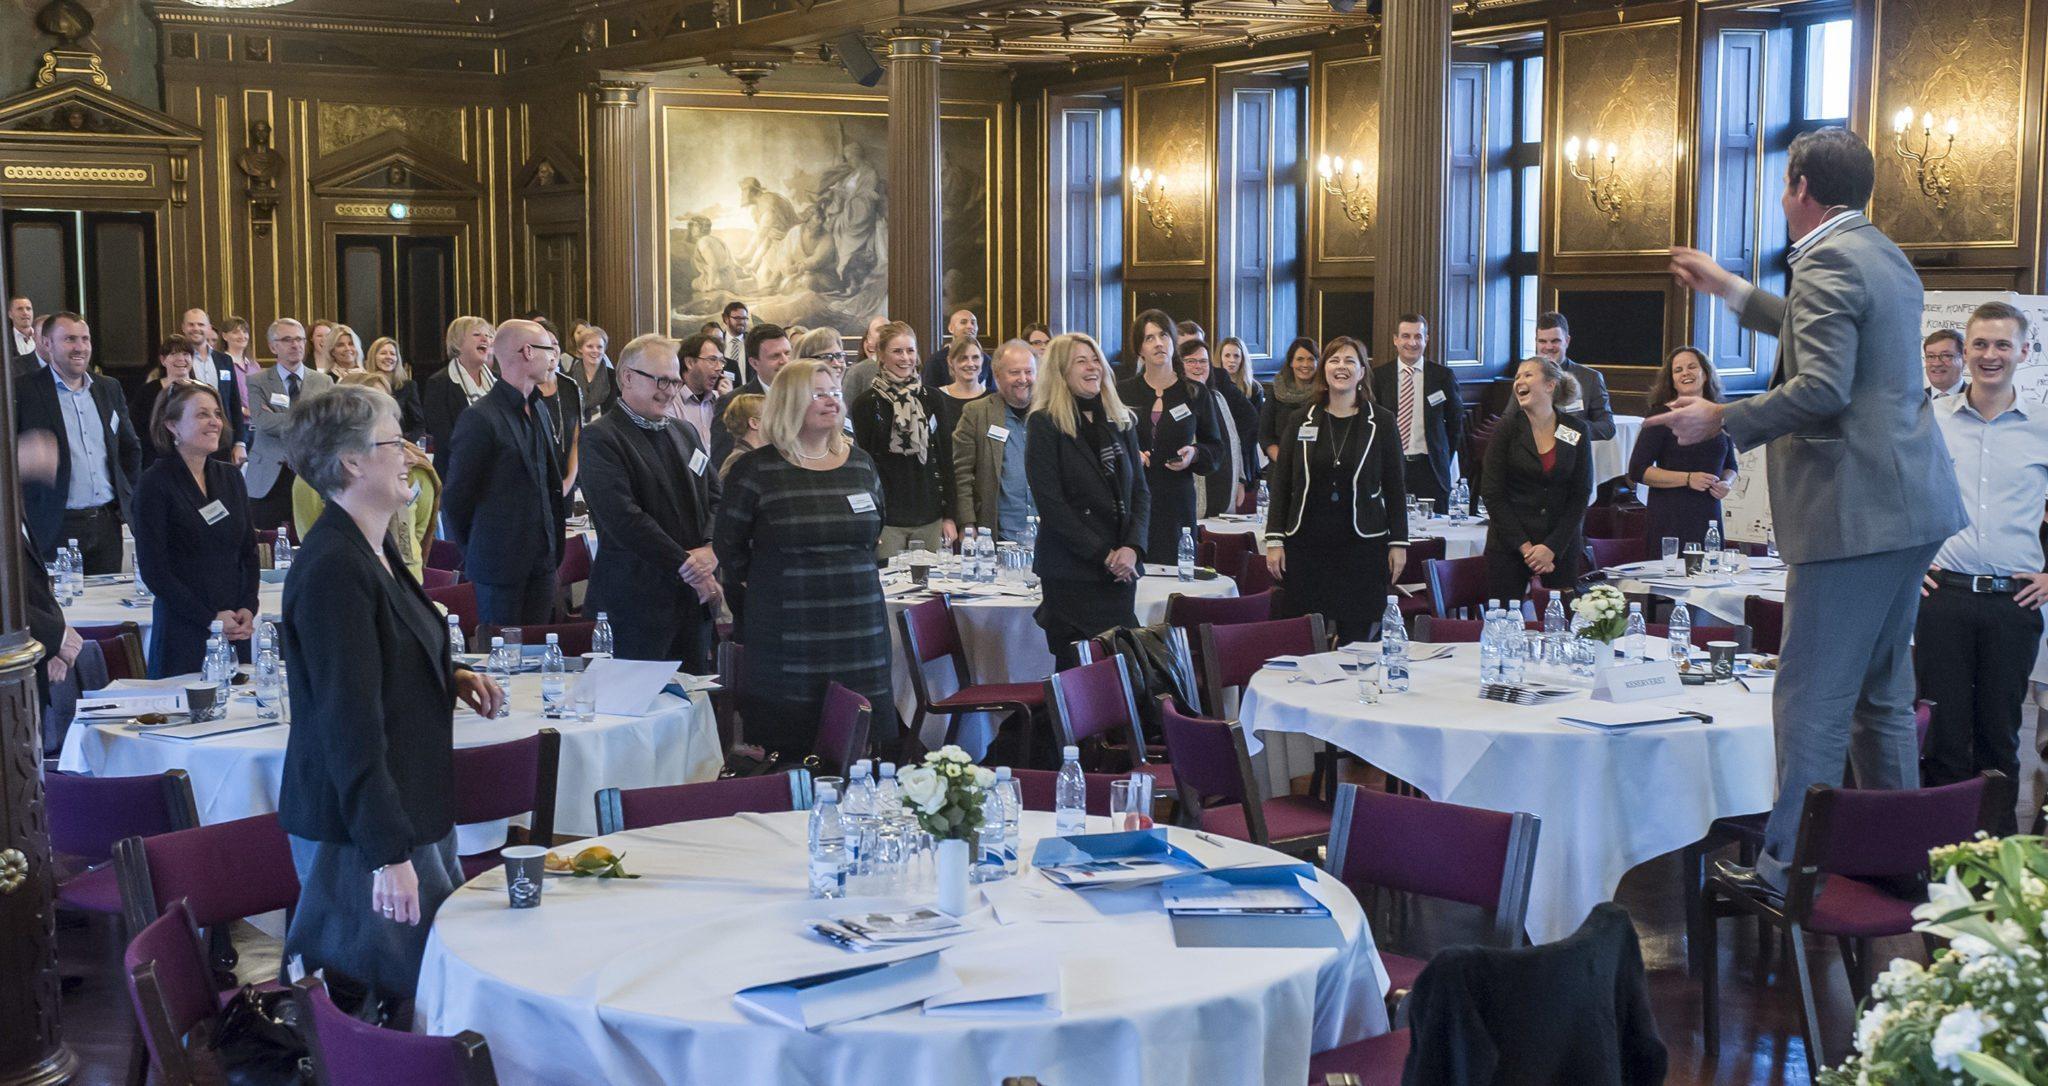 Den danske mødemesse er klar til den store IMEX-kongres i Frankfurt. Arkivfoto fra København.